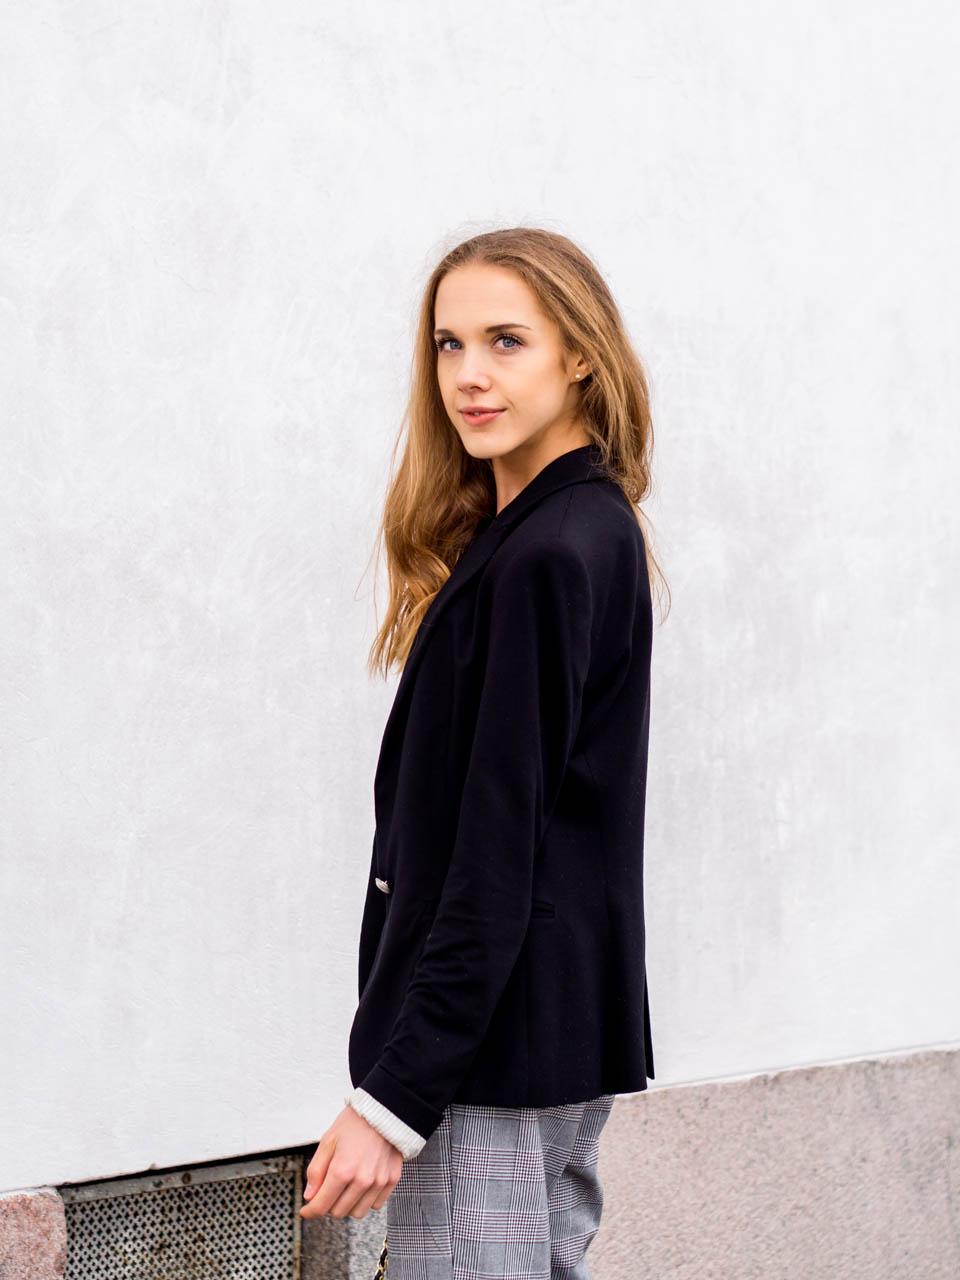 minimal-scandinavian-fashion-blogger-autumn-outfit-syksy-muoti-pukeutuminen-inspiraatio-skandinaavinen-tyyli